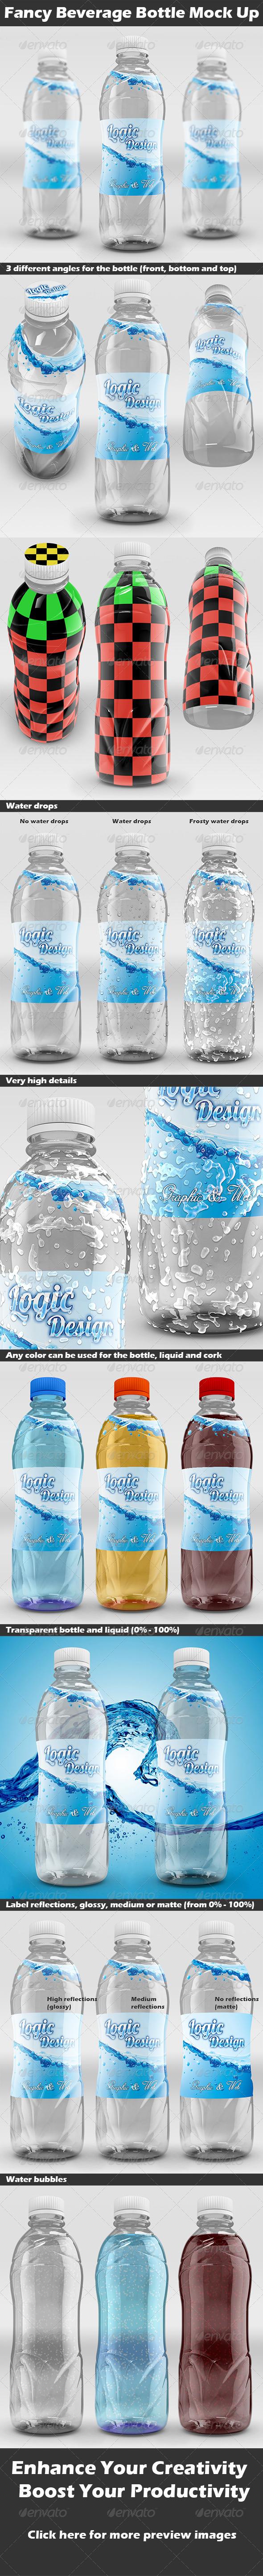 Fancy Beverage Bottle Mock Up - Food and Drink Packaging